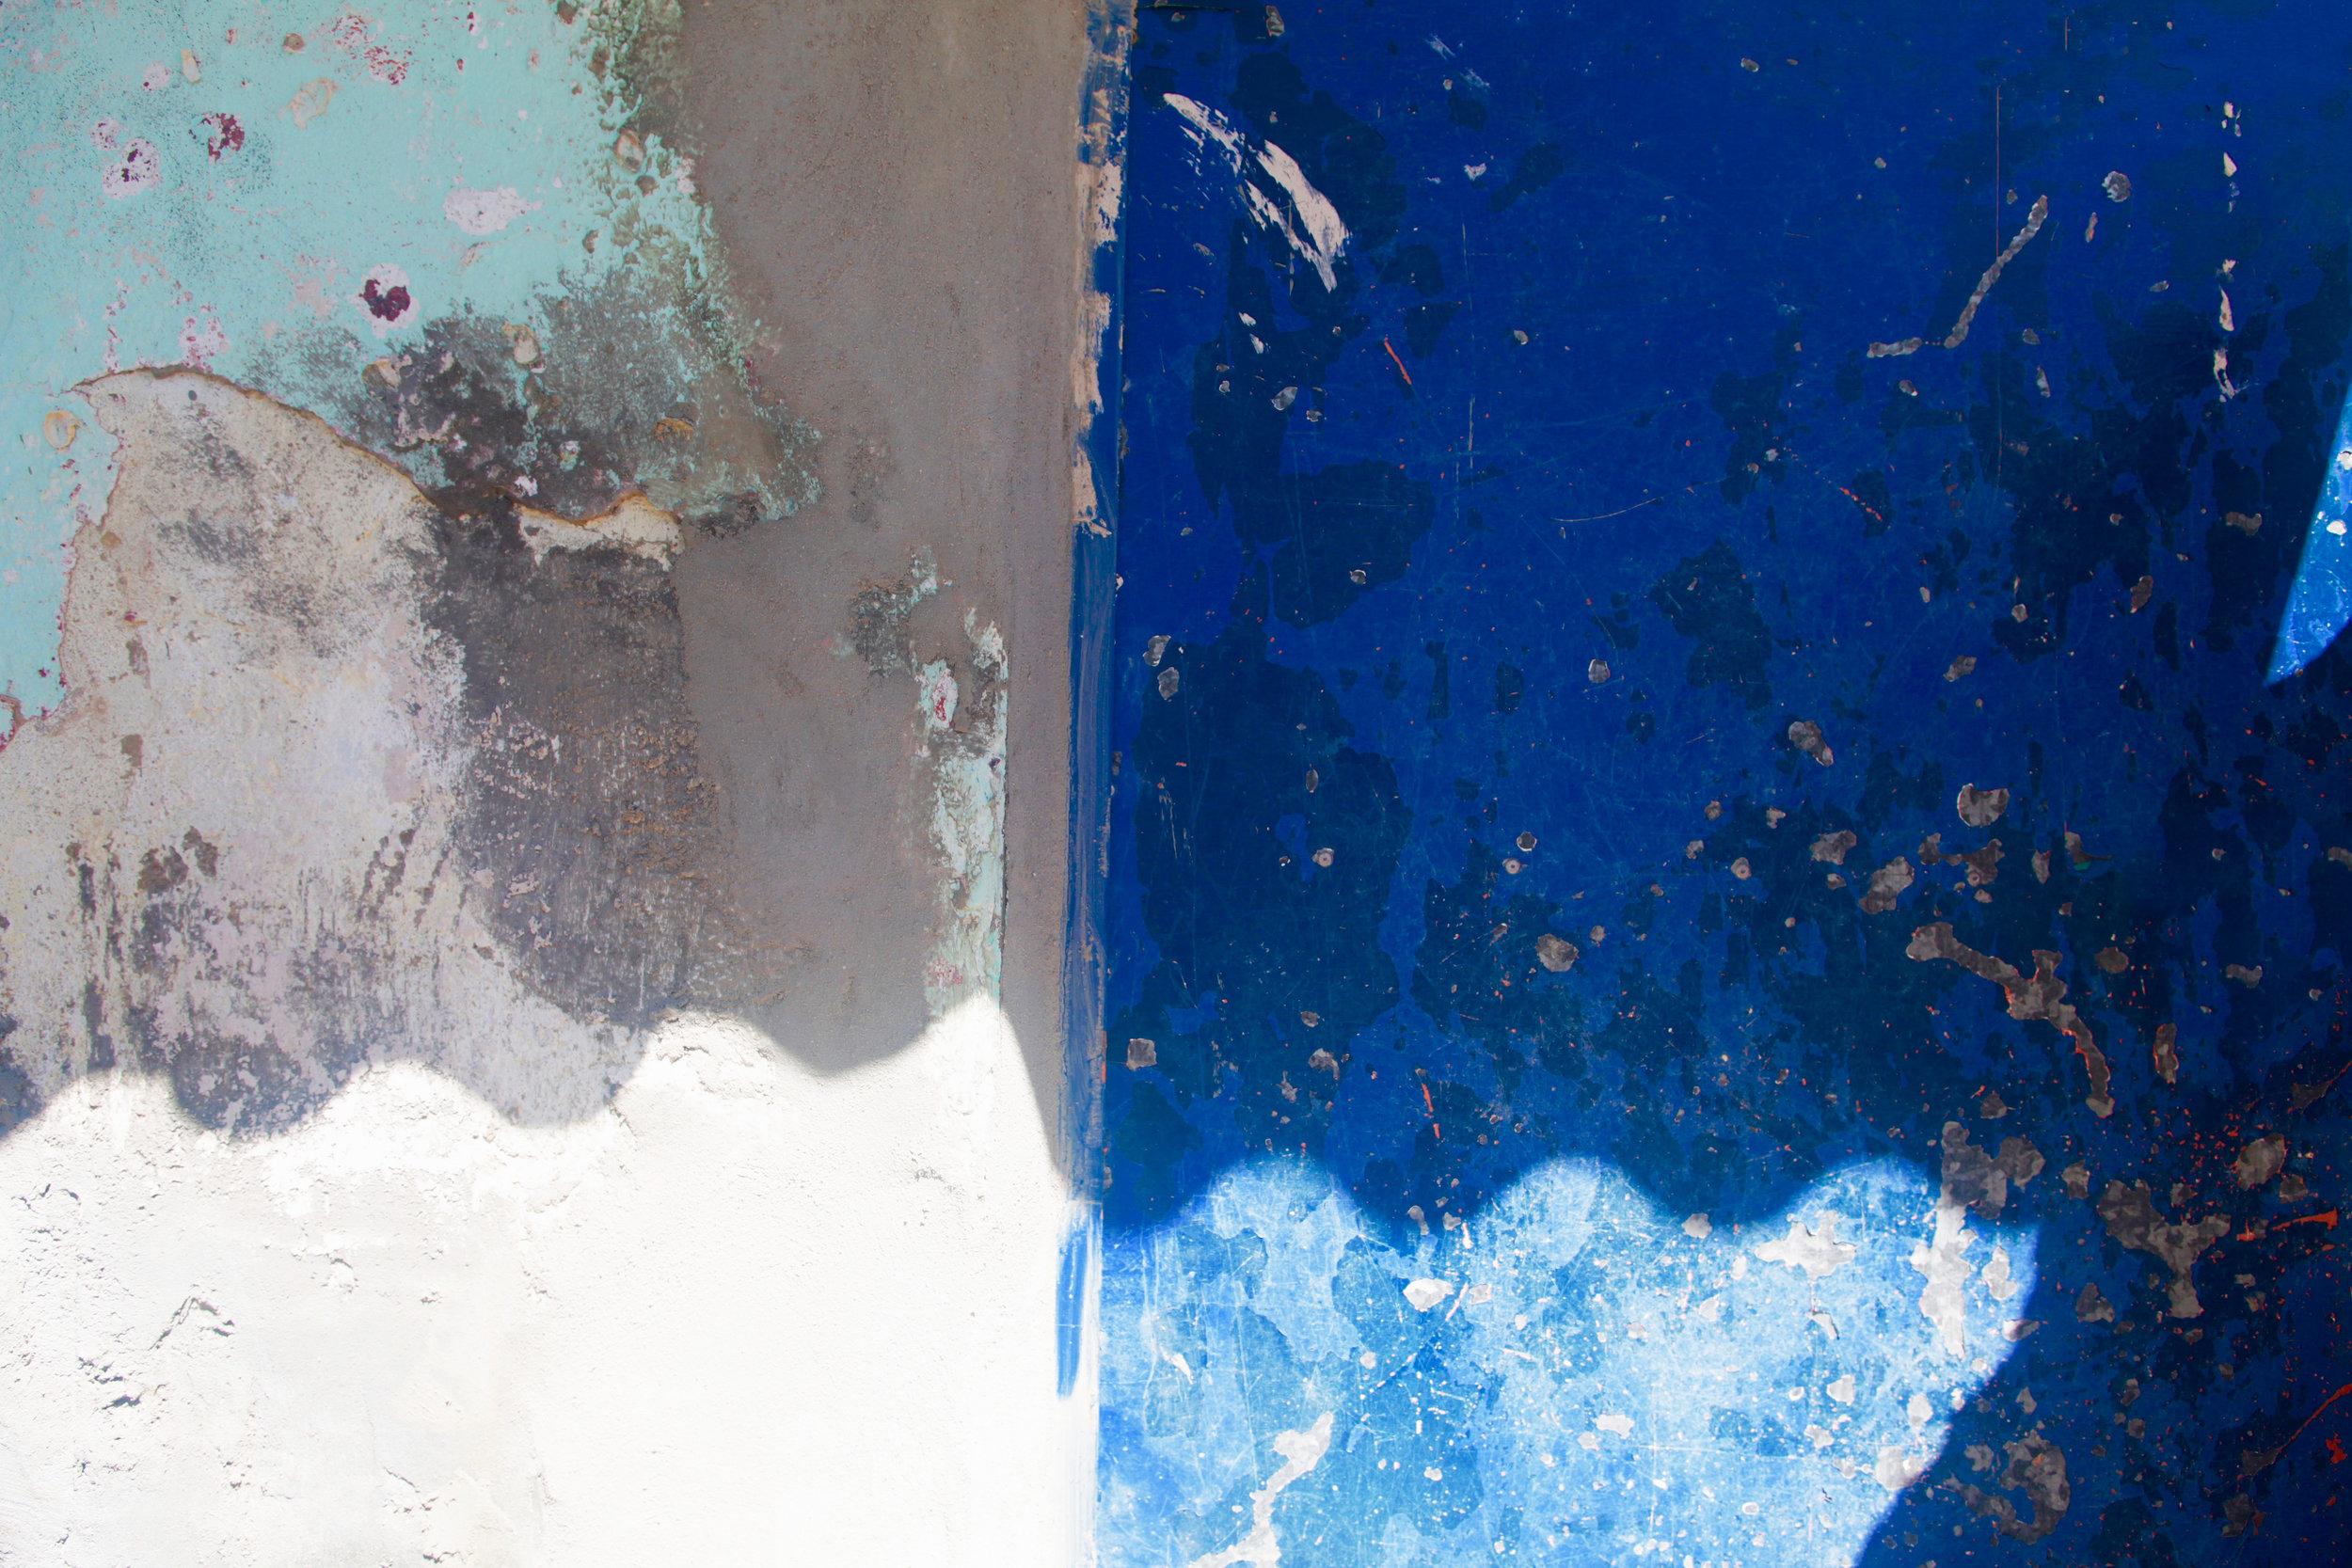 azul predominantemente  san fernando / andalucía